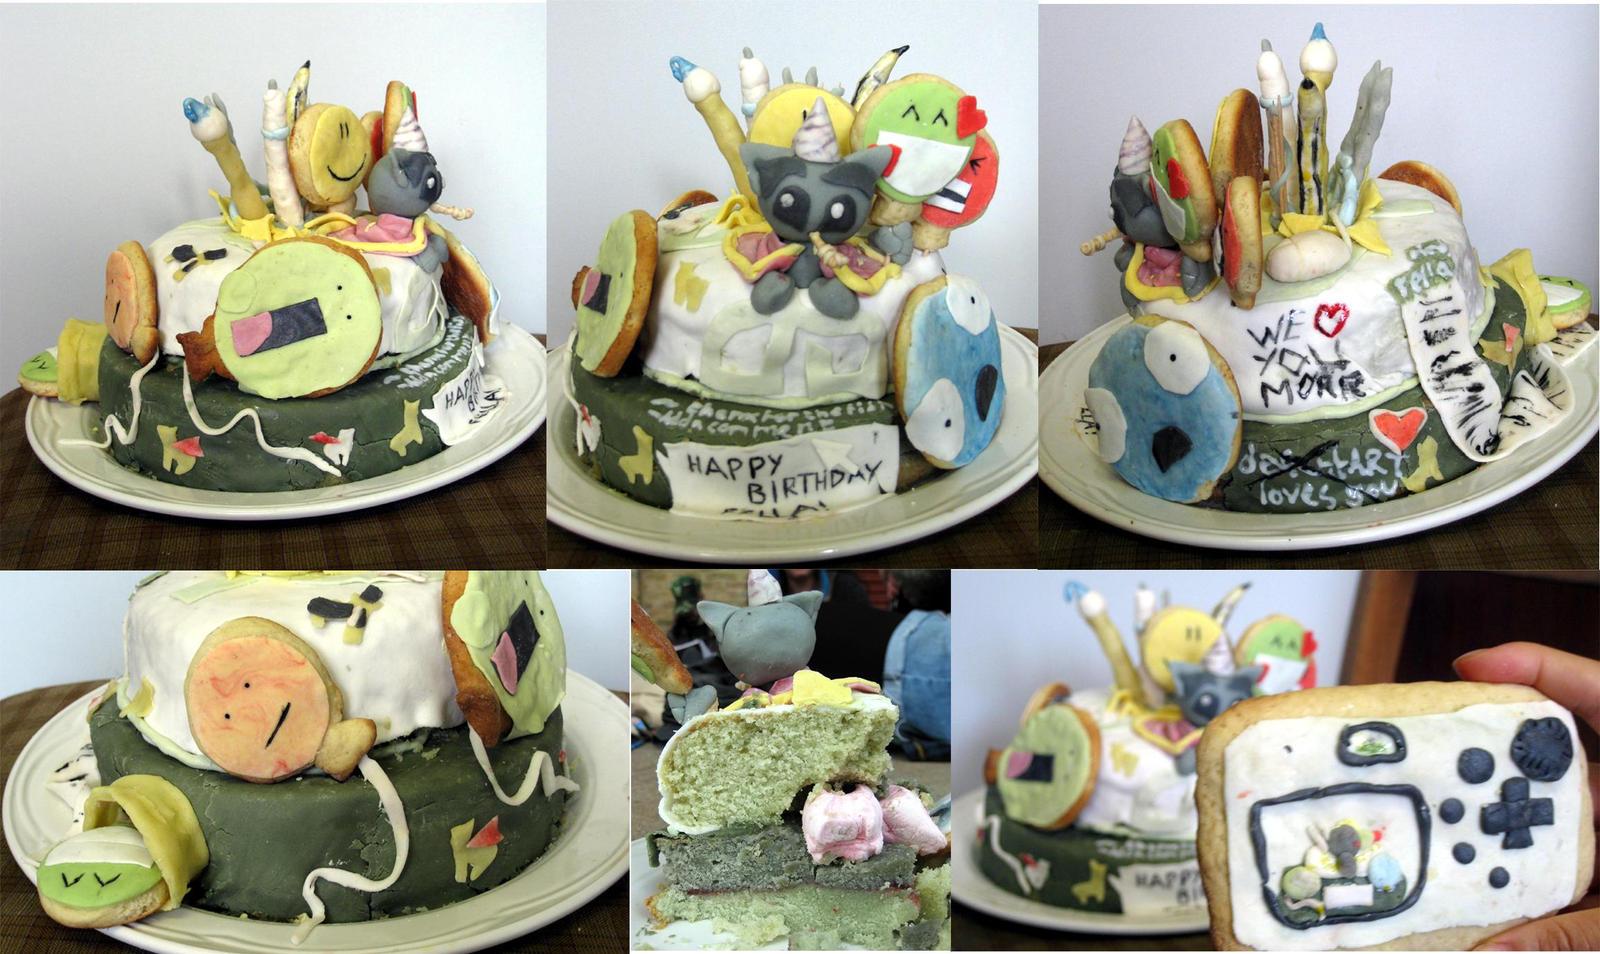 dA Birthday Cake by thanxforthefish